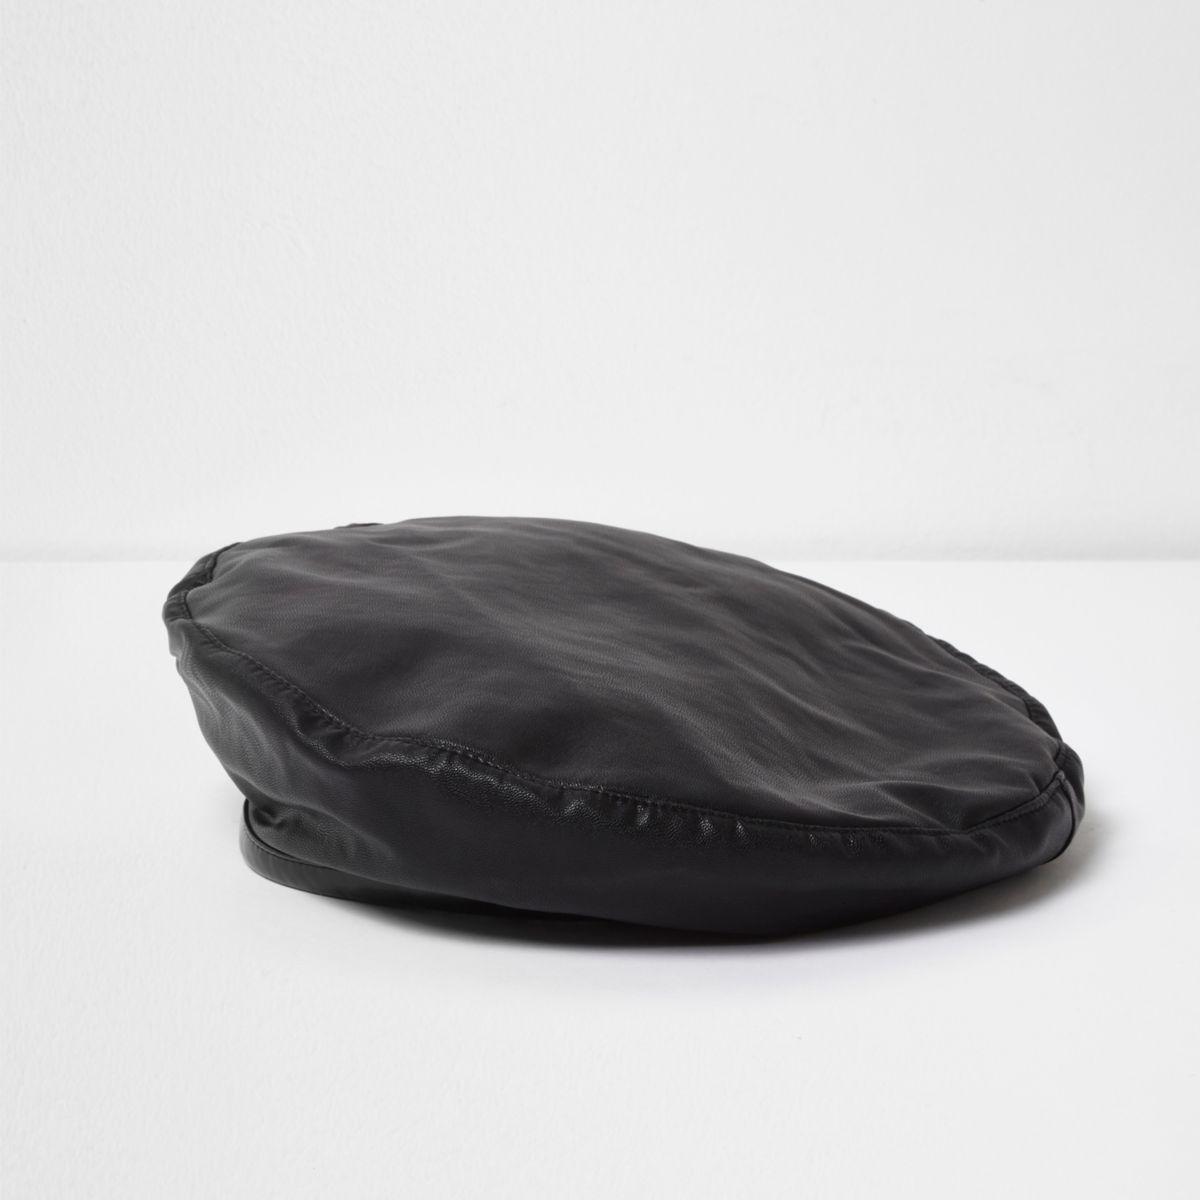 Béret noir à bordure en cuir synthétique